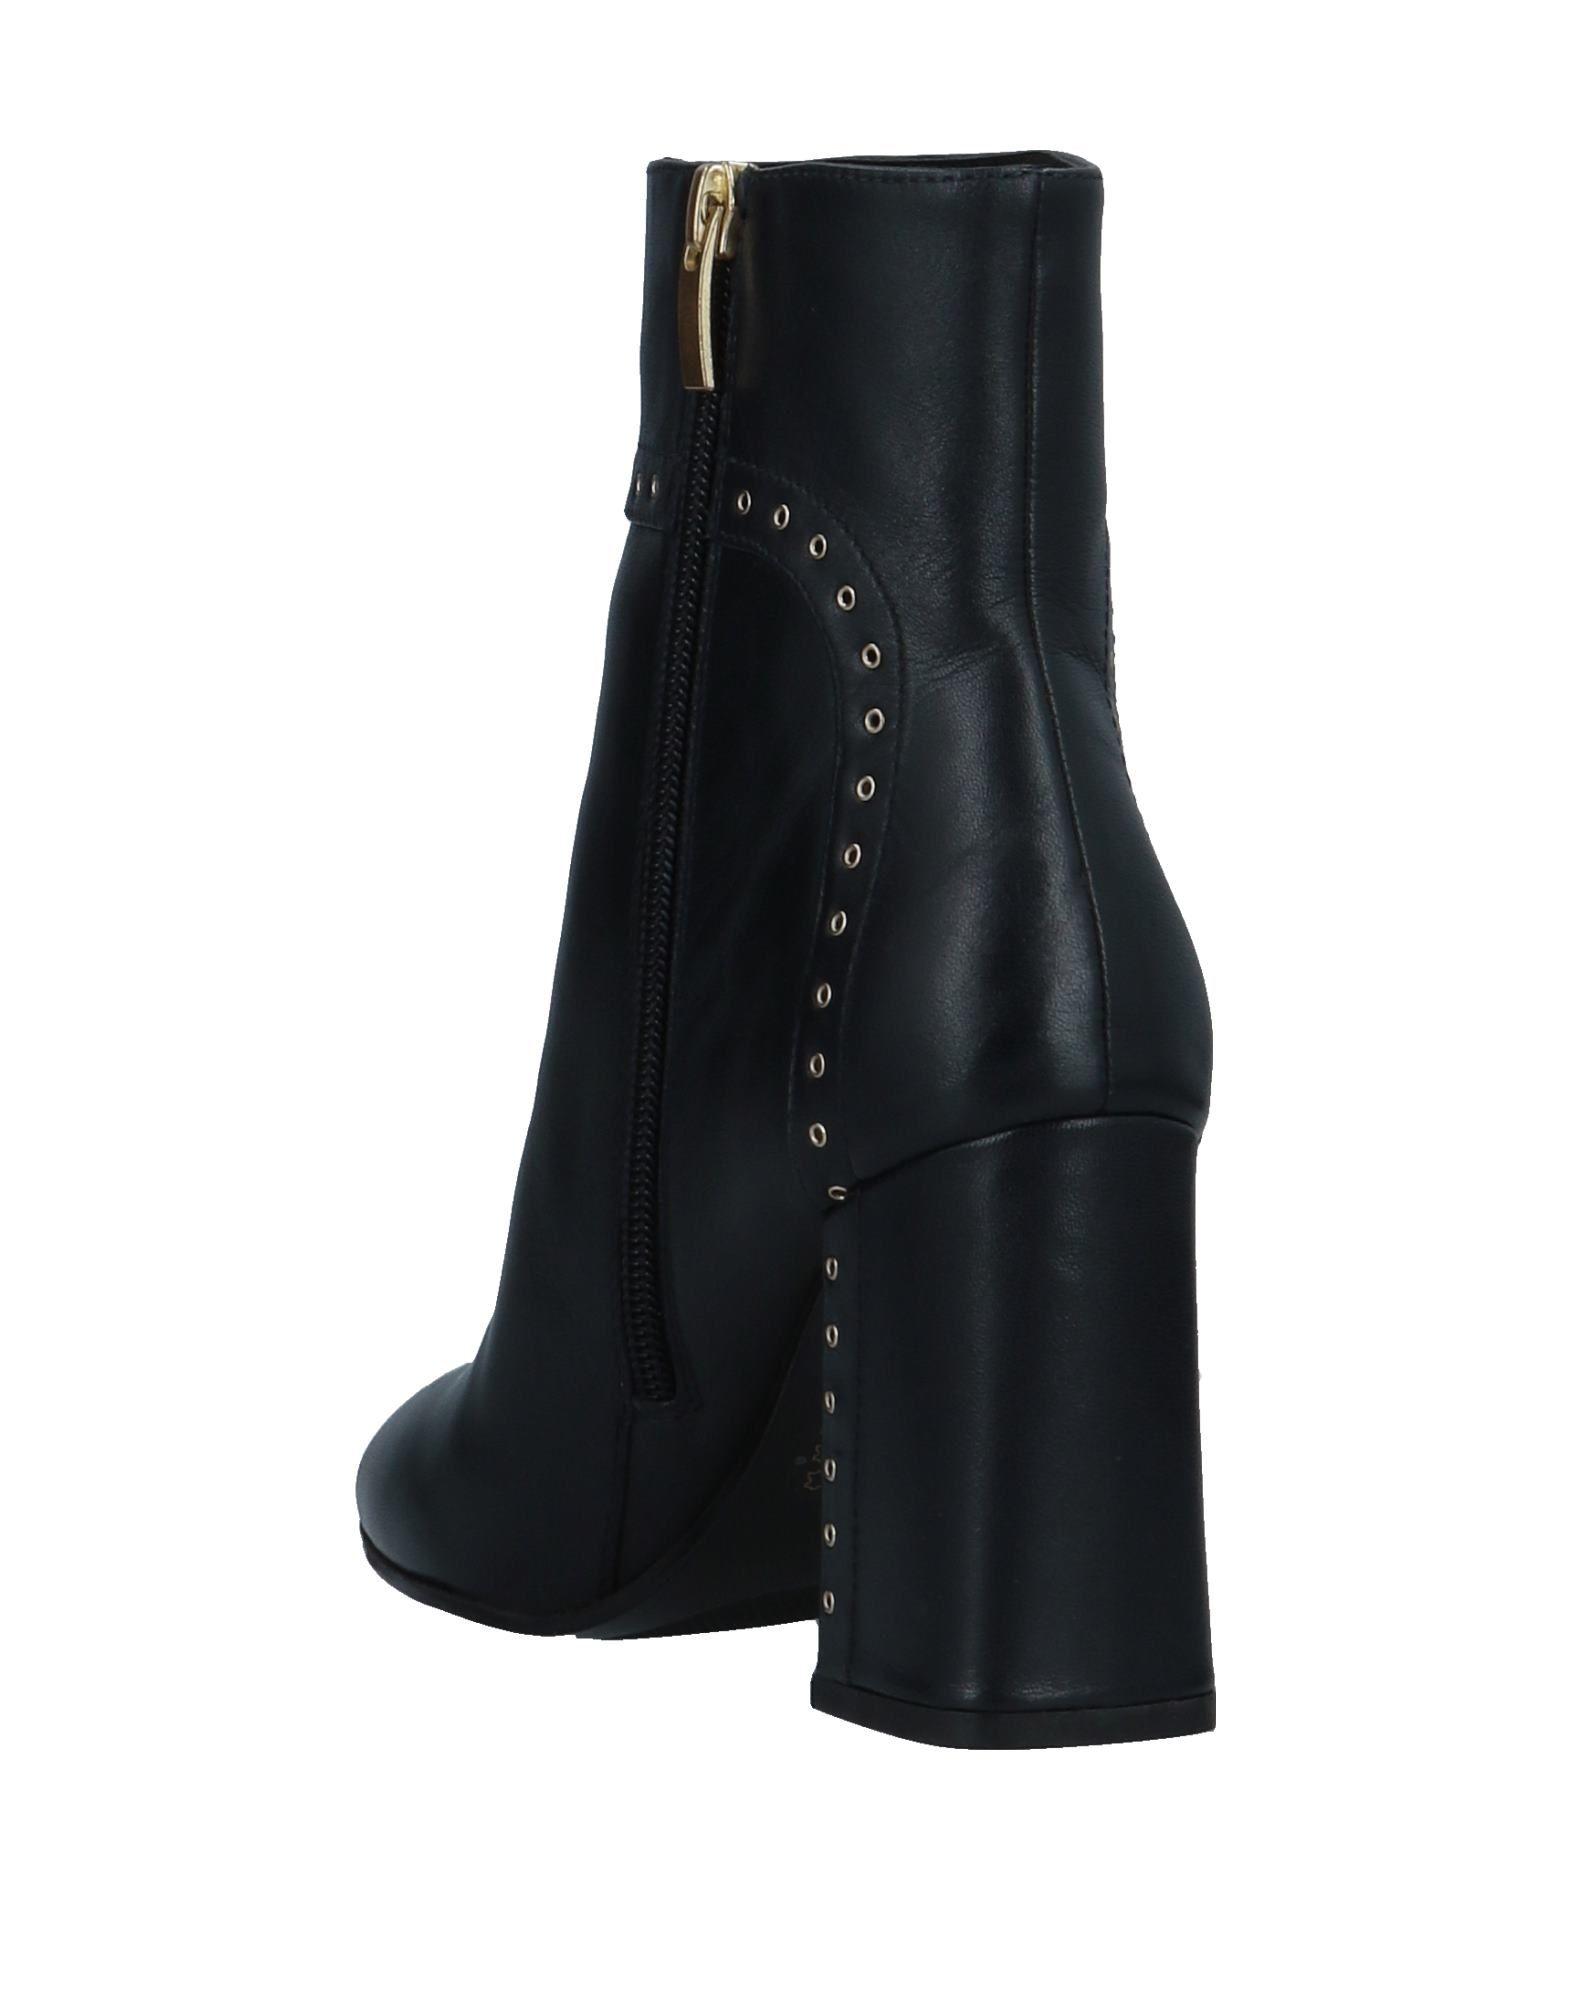 Gut um Stiefelette billige Schuhe zu tragenBruno Premi Stiefelette um Damen  11525303AV 93cfaf